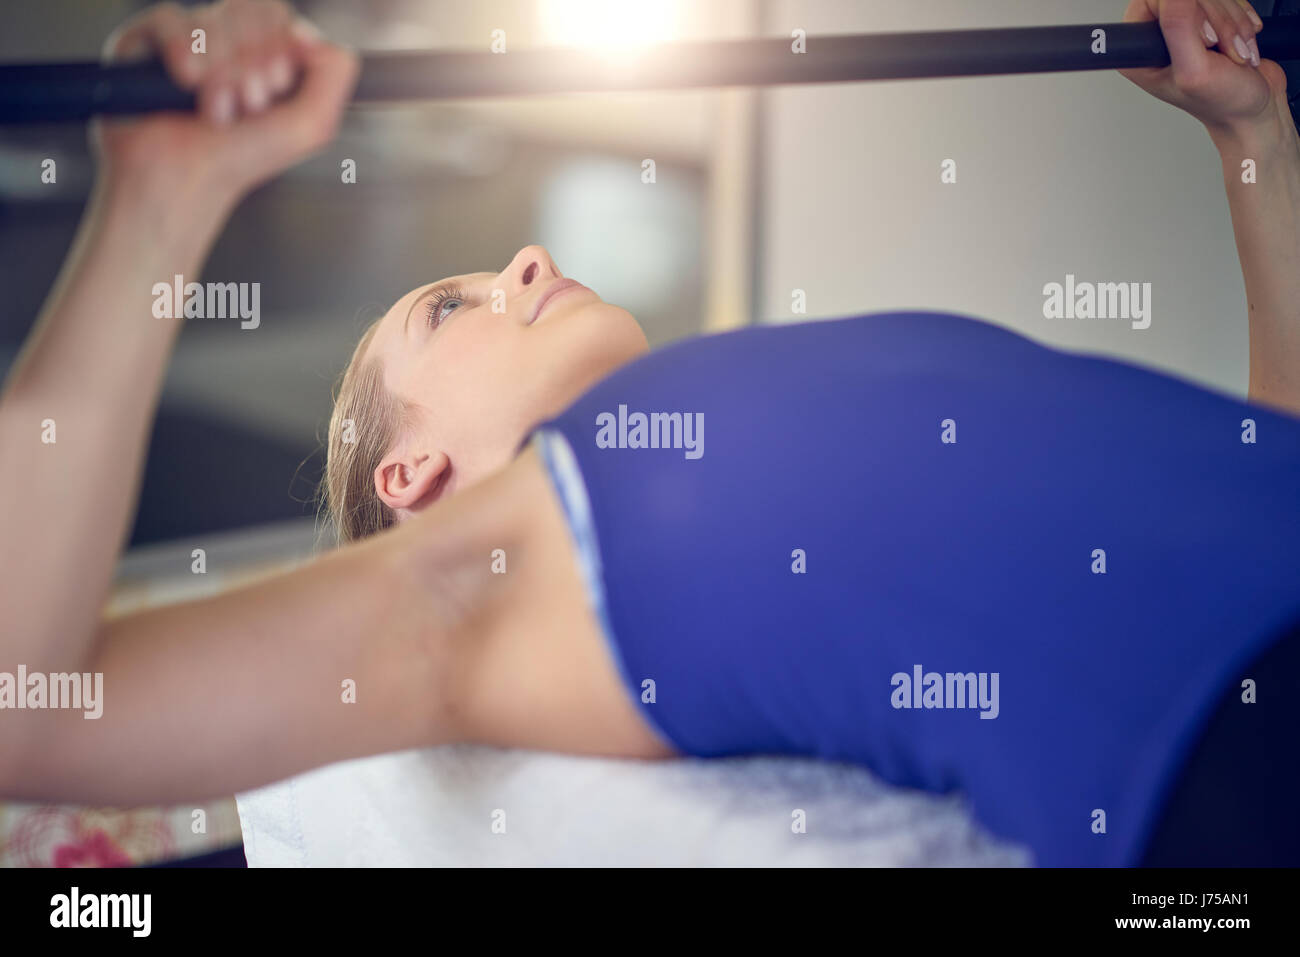 Vista lateral cerca de la joven mujer rubia en la parte superior azul haciendo ejercicio pulsando la banqueta con Imagen De Stock